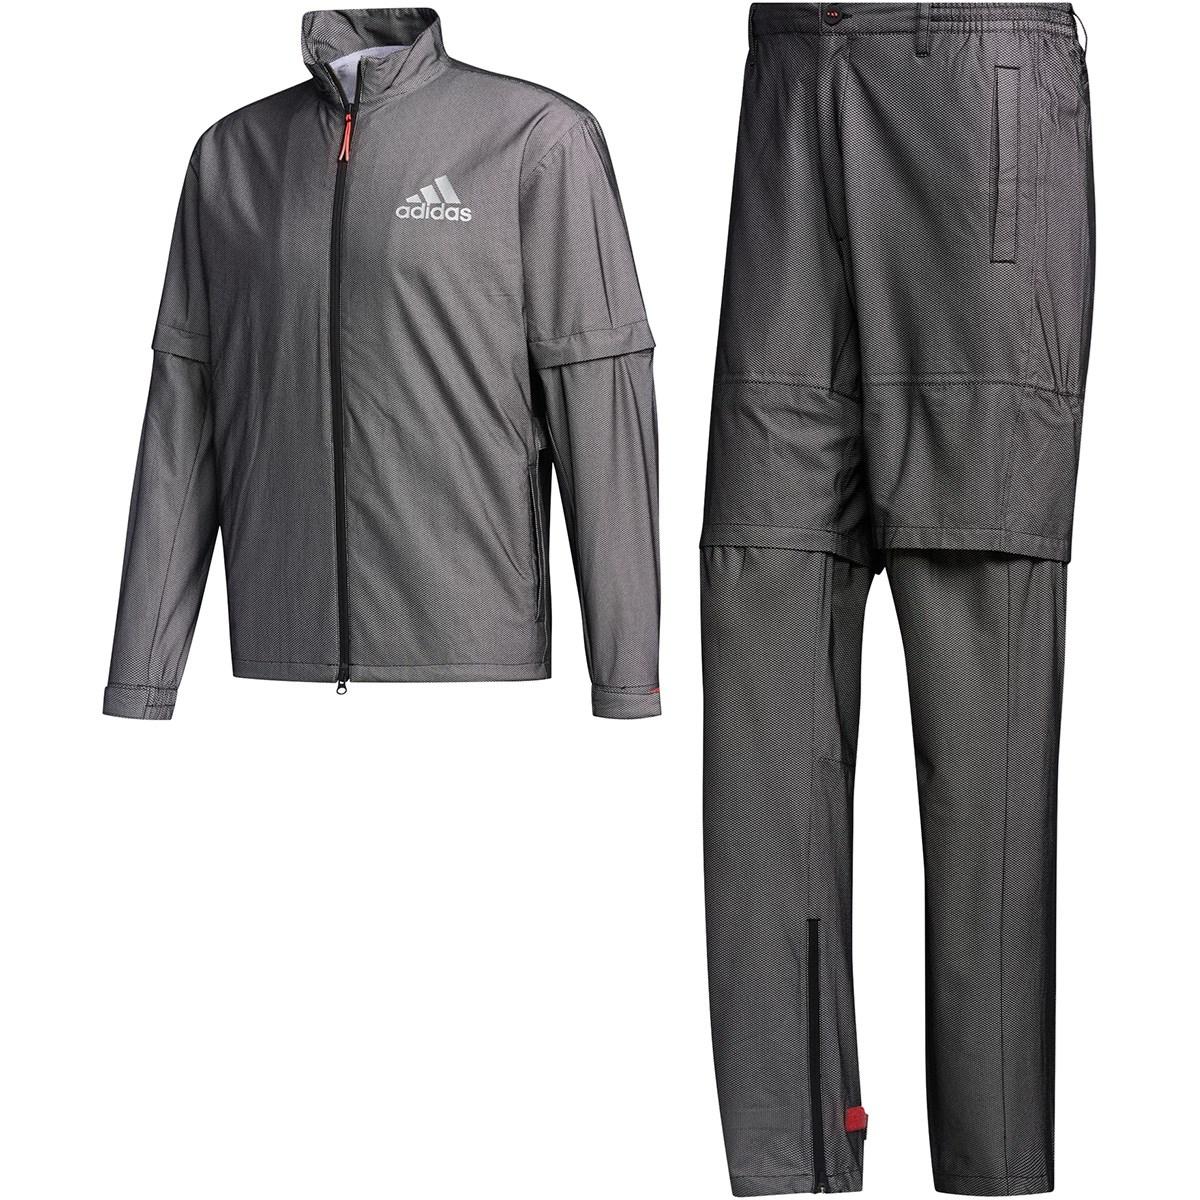 アディダス Adidas ハイストレッチ レインウェア上下セット S ブラック